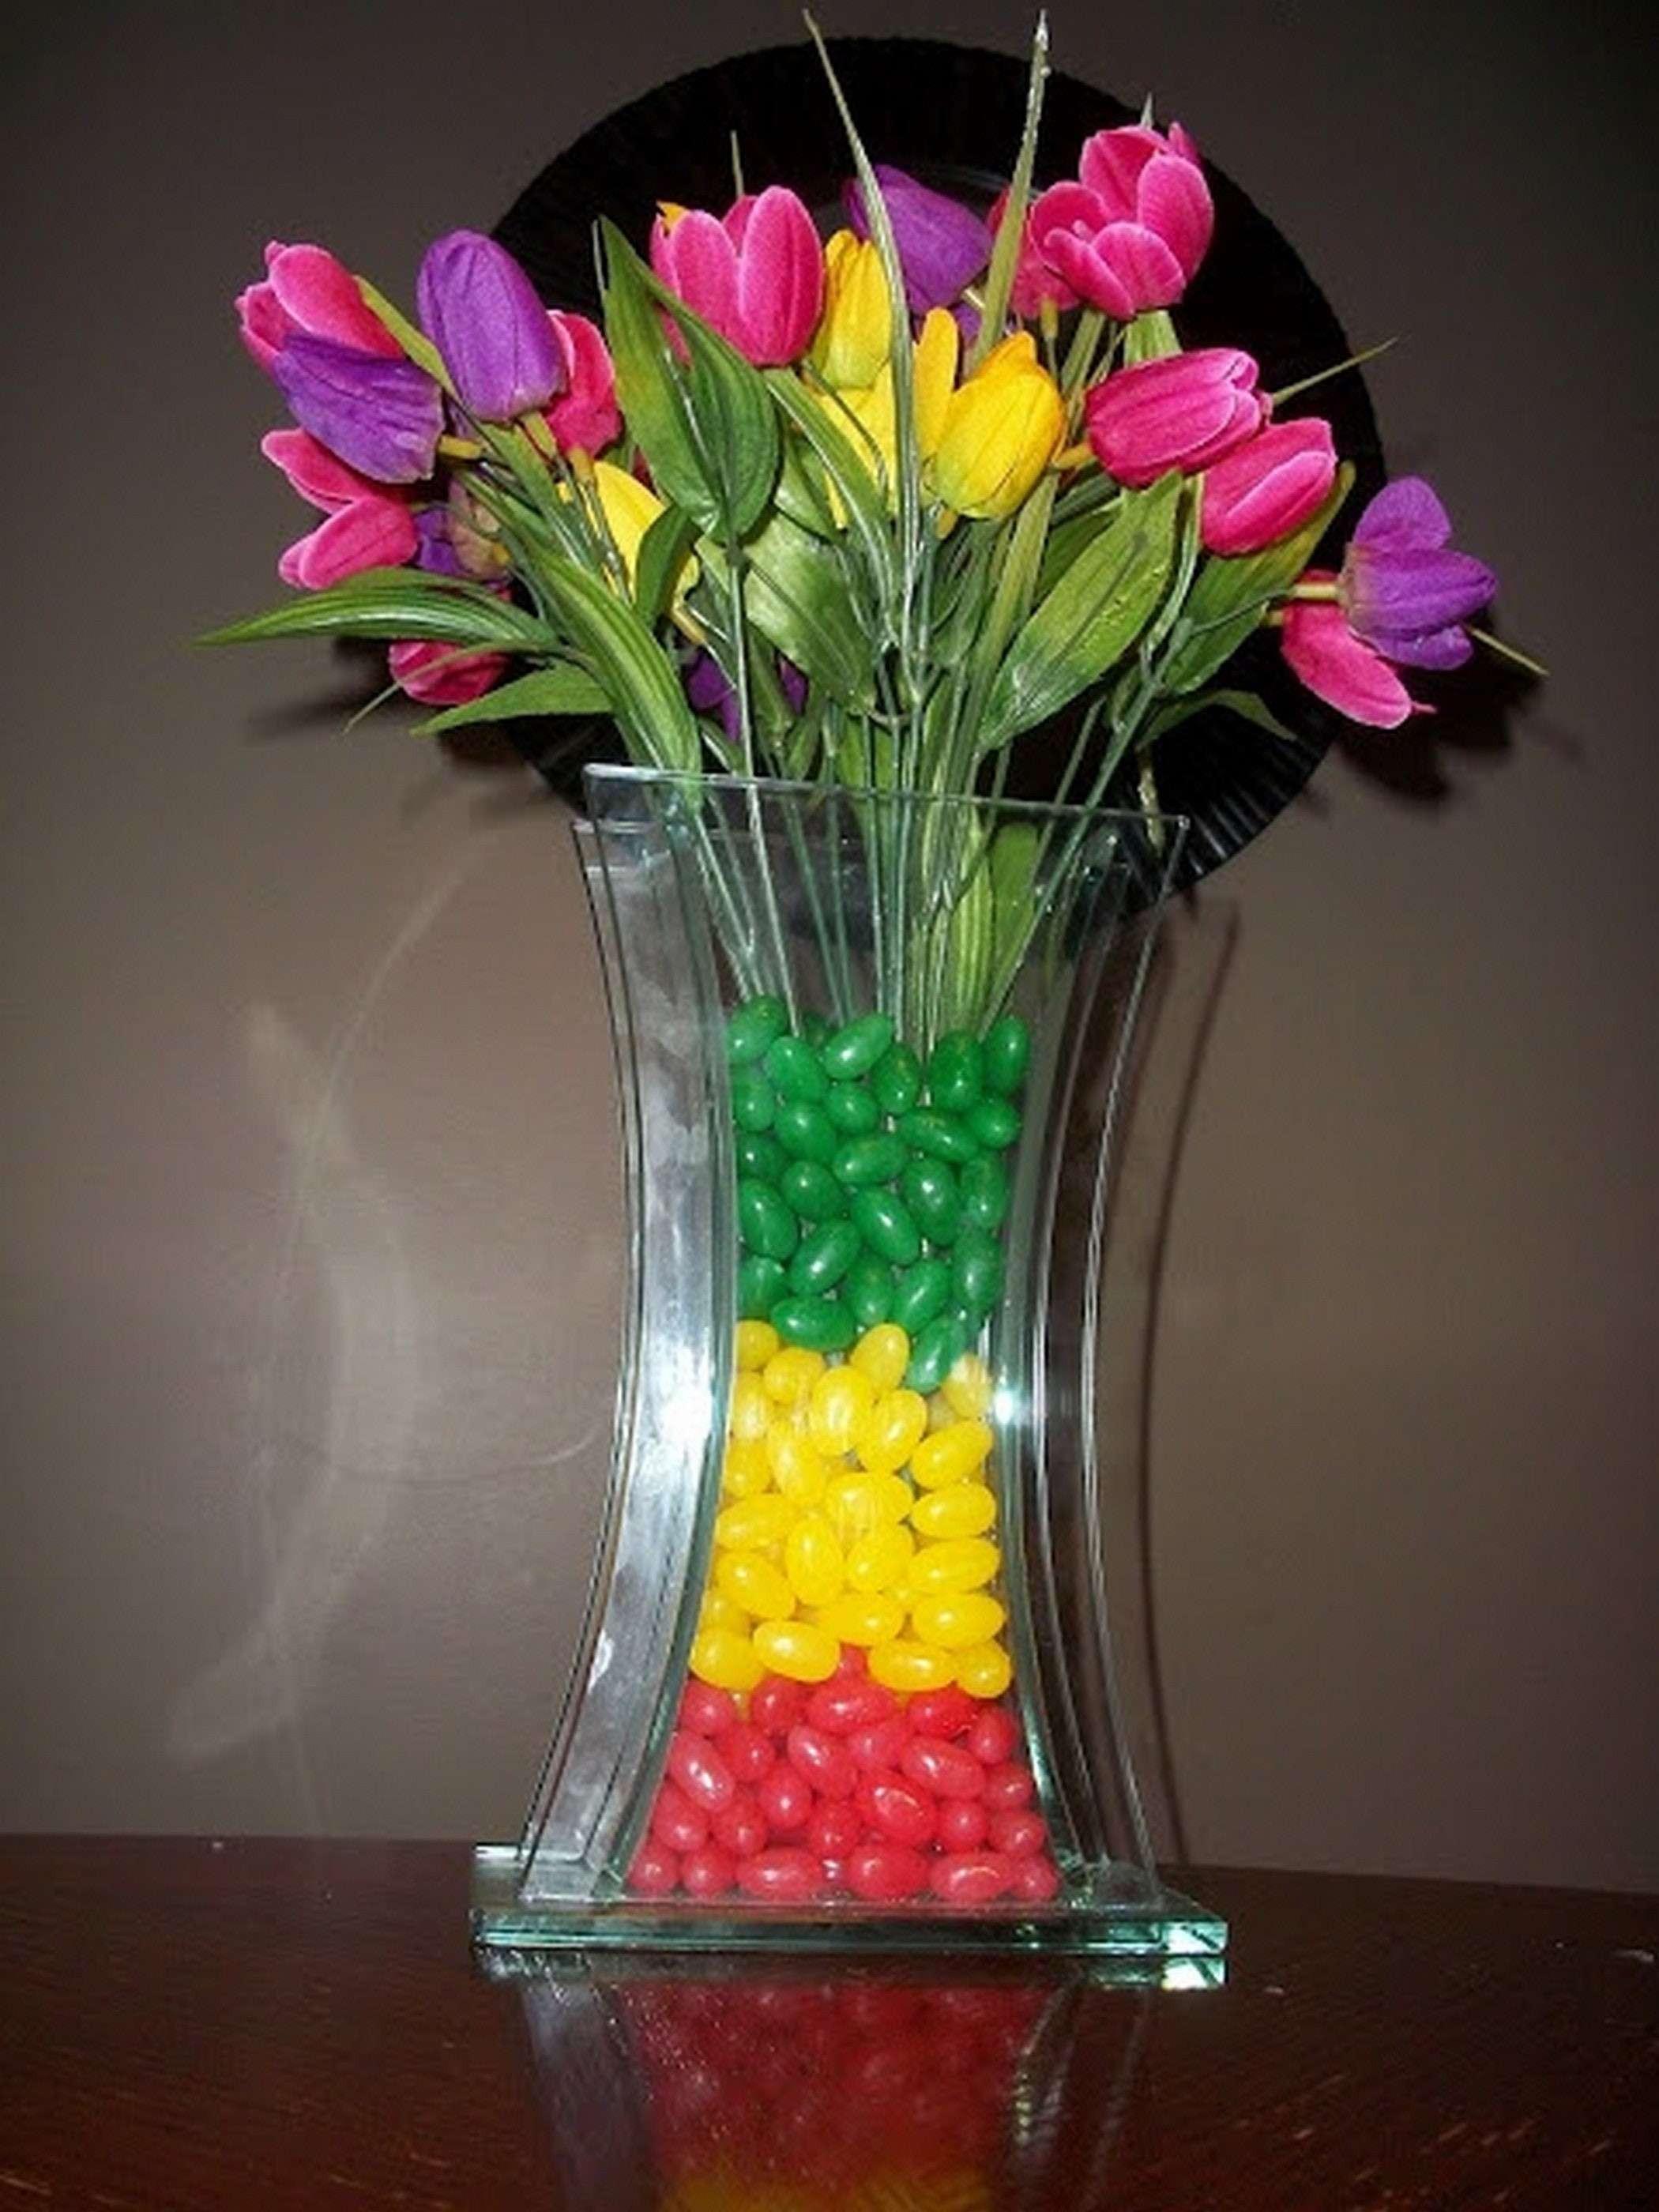 colored glass vase fillers of pictures of glass vase filler vases artificial plants collection in glass vase filler collection 15 cheap and easy diy vase filler ideas 3h vases flower i